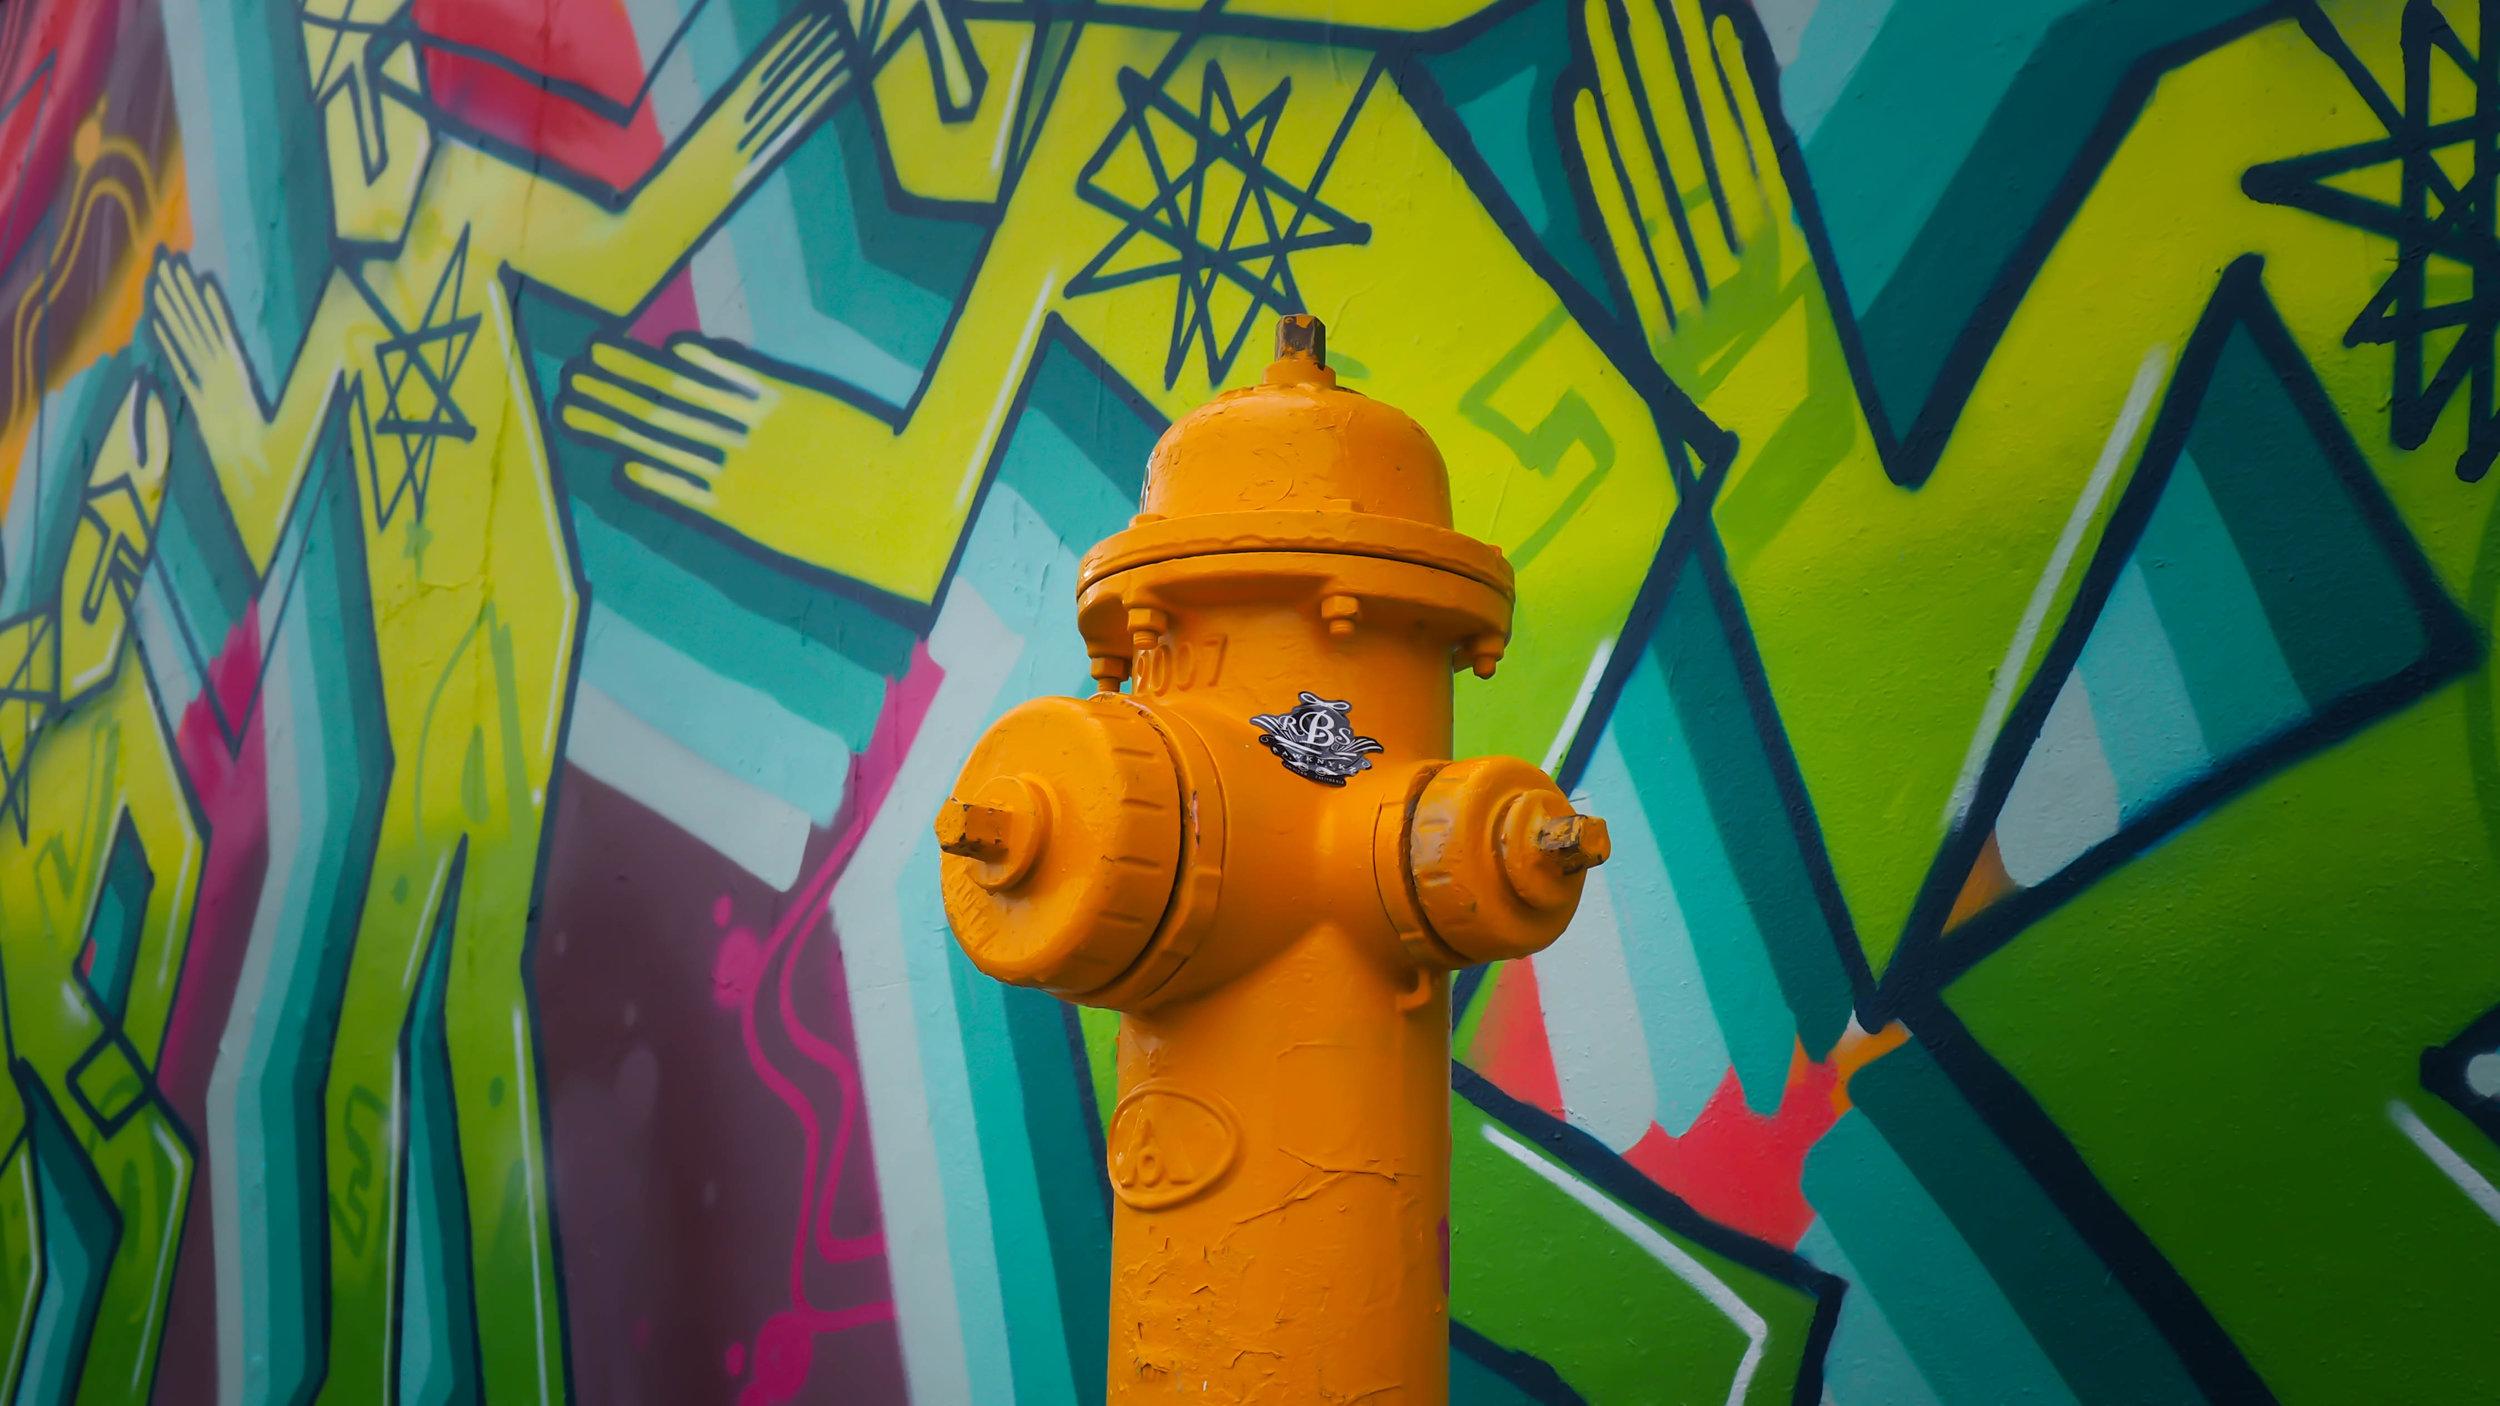 Captura el hermoso arte urbano de Wynwood - a. Wynwood es uno de los distritos más reconocidos mundialmente por su impresionante colección de arte urbano. Sus murales y grafitis te servirán de fondo para que tomes algunas de las fotos más hermosas en tus viajes. Este recorrido lo puedes hacer por tu cuenta sin gastar un solo centavo.